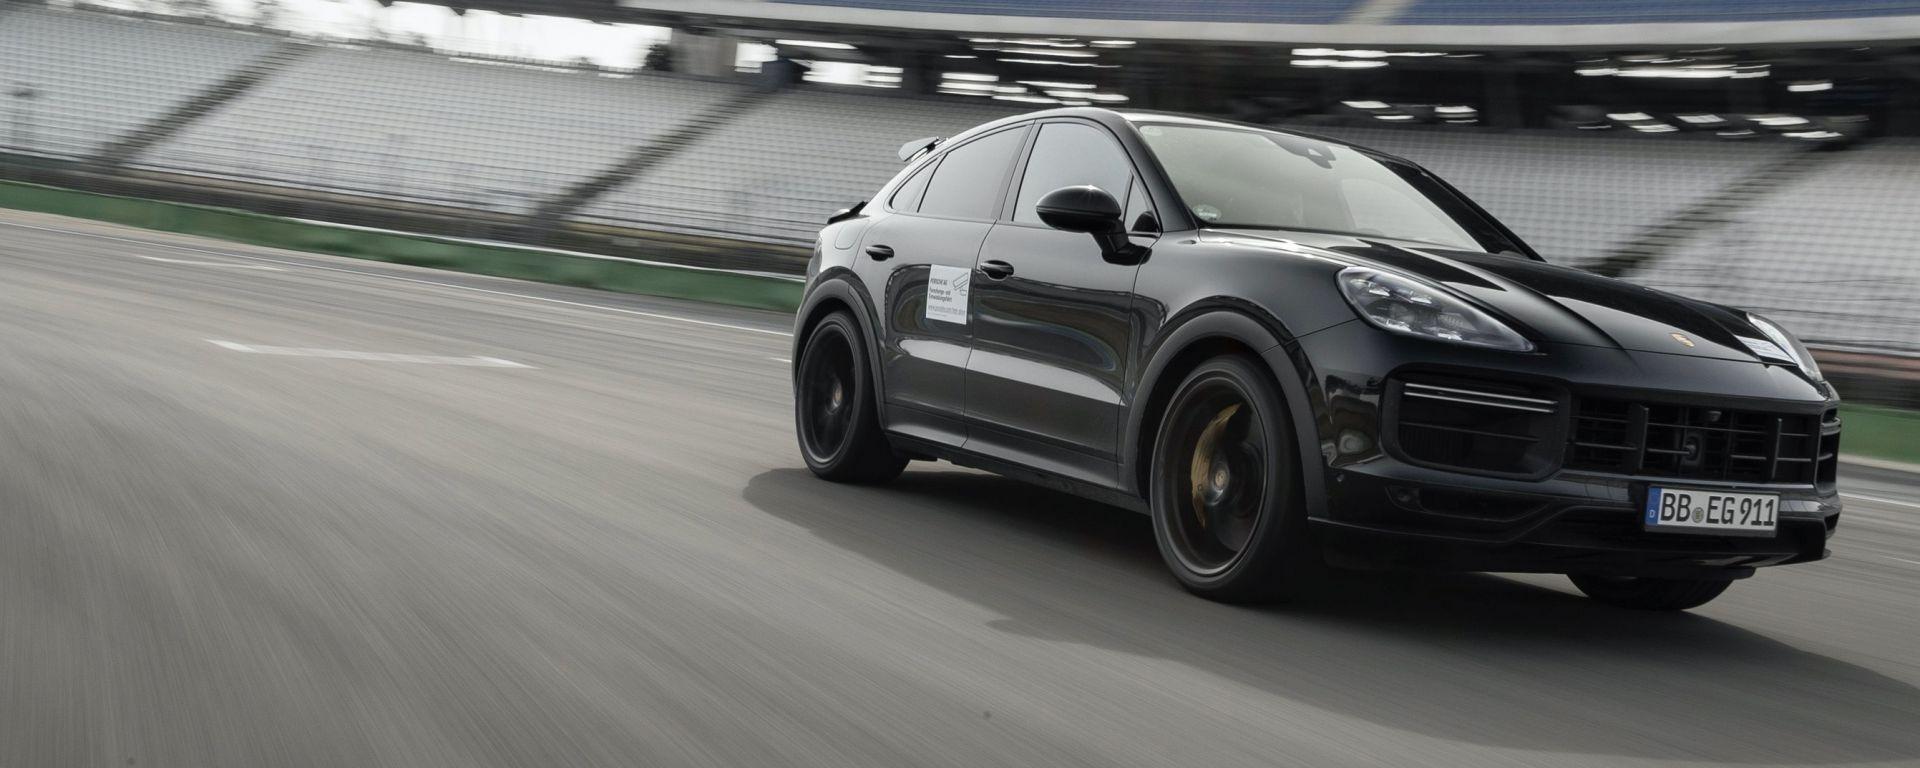 Nuova Porsche Cayenne Coupé Turbo S